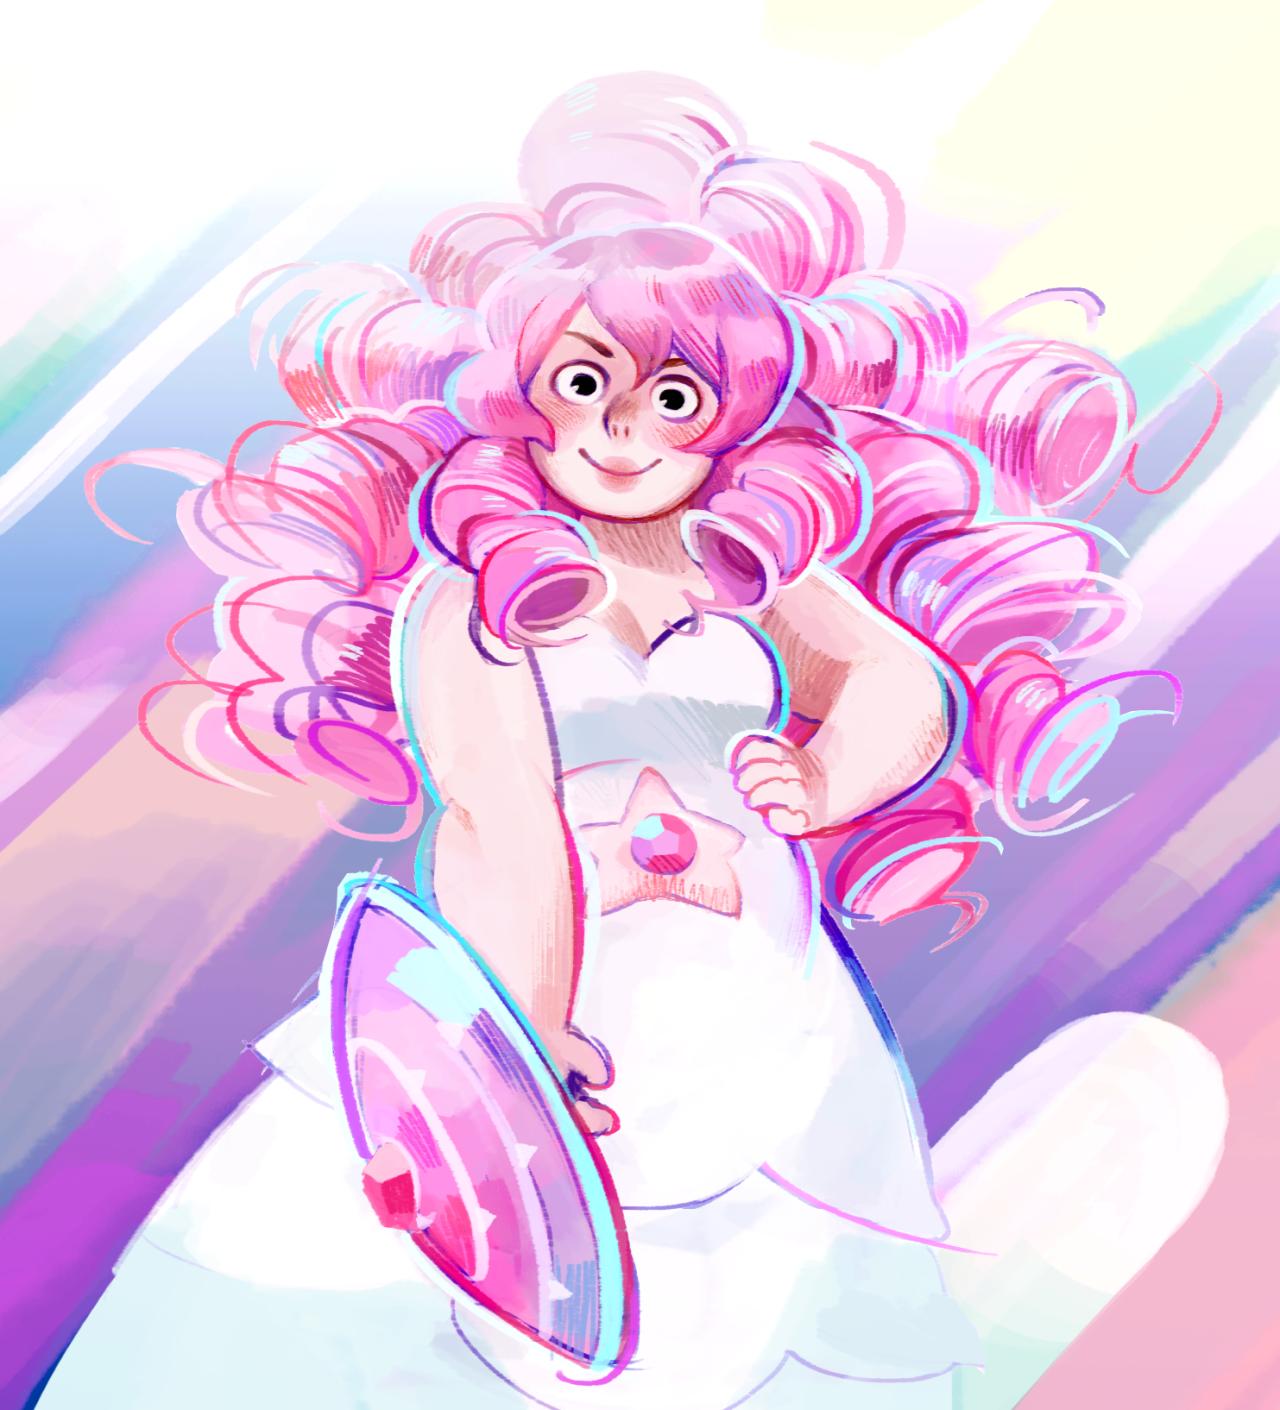 rose quartz steven universe know your meme